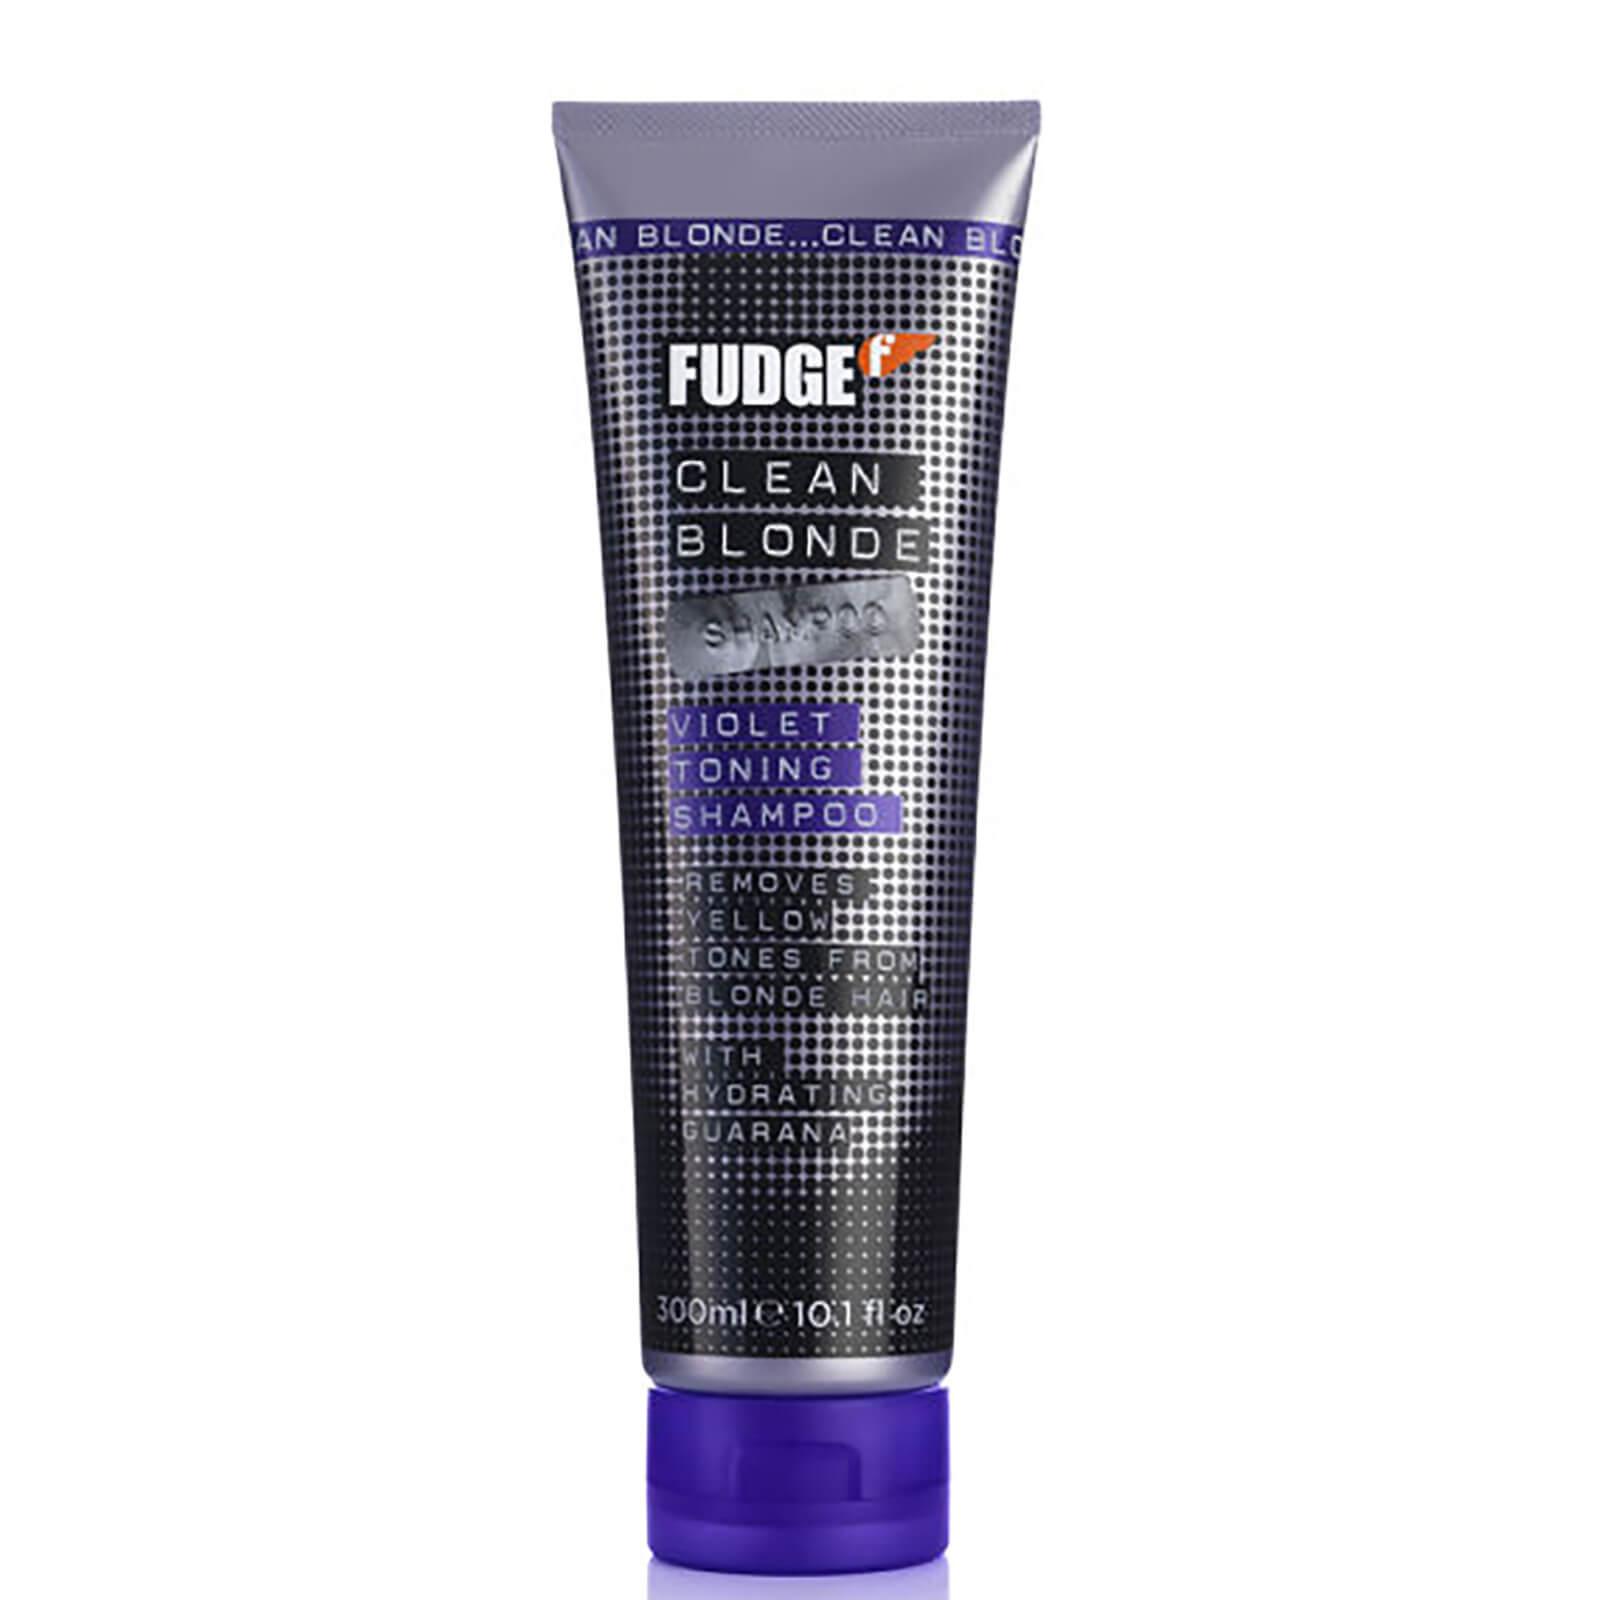 Fudge300ml Clean Shampoo Violet Blonde De m8nOwPyvN0